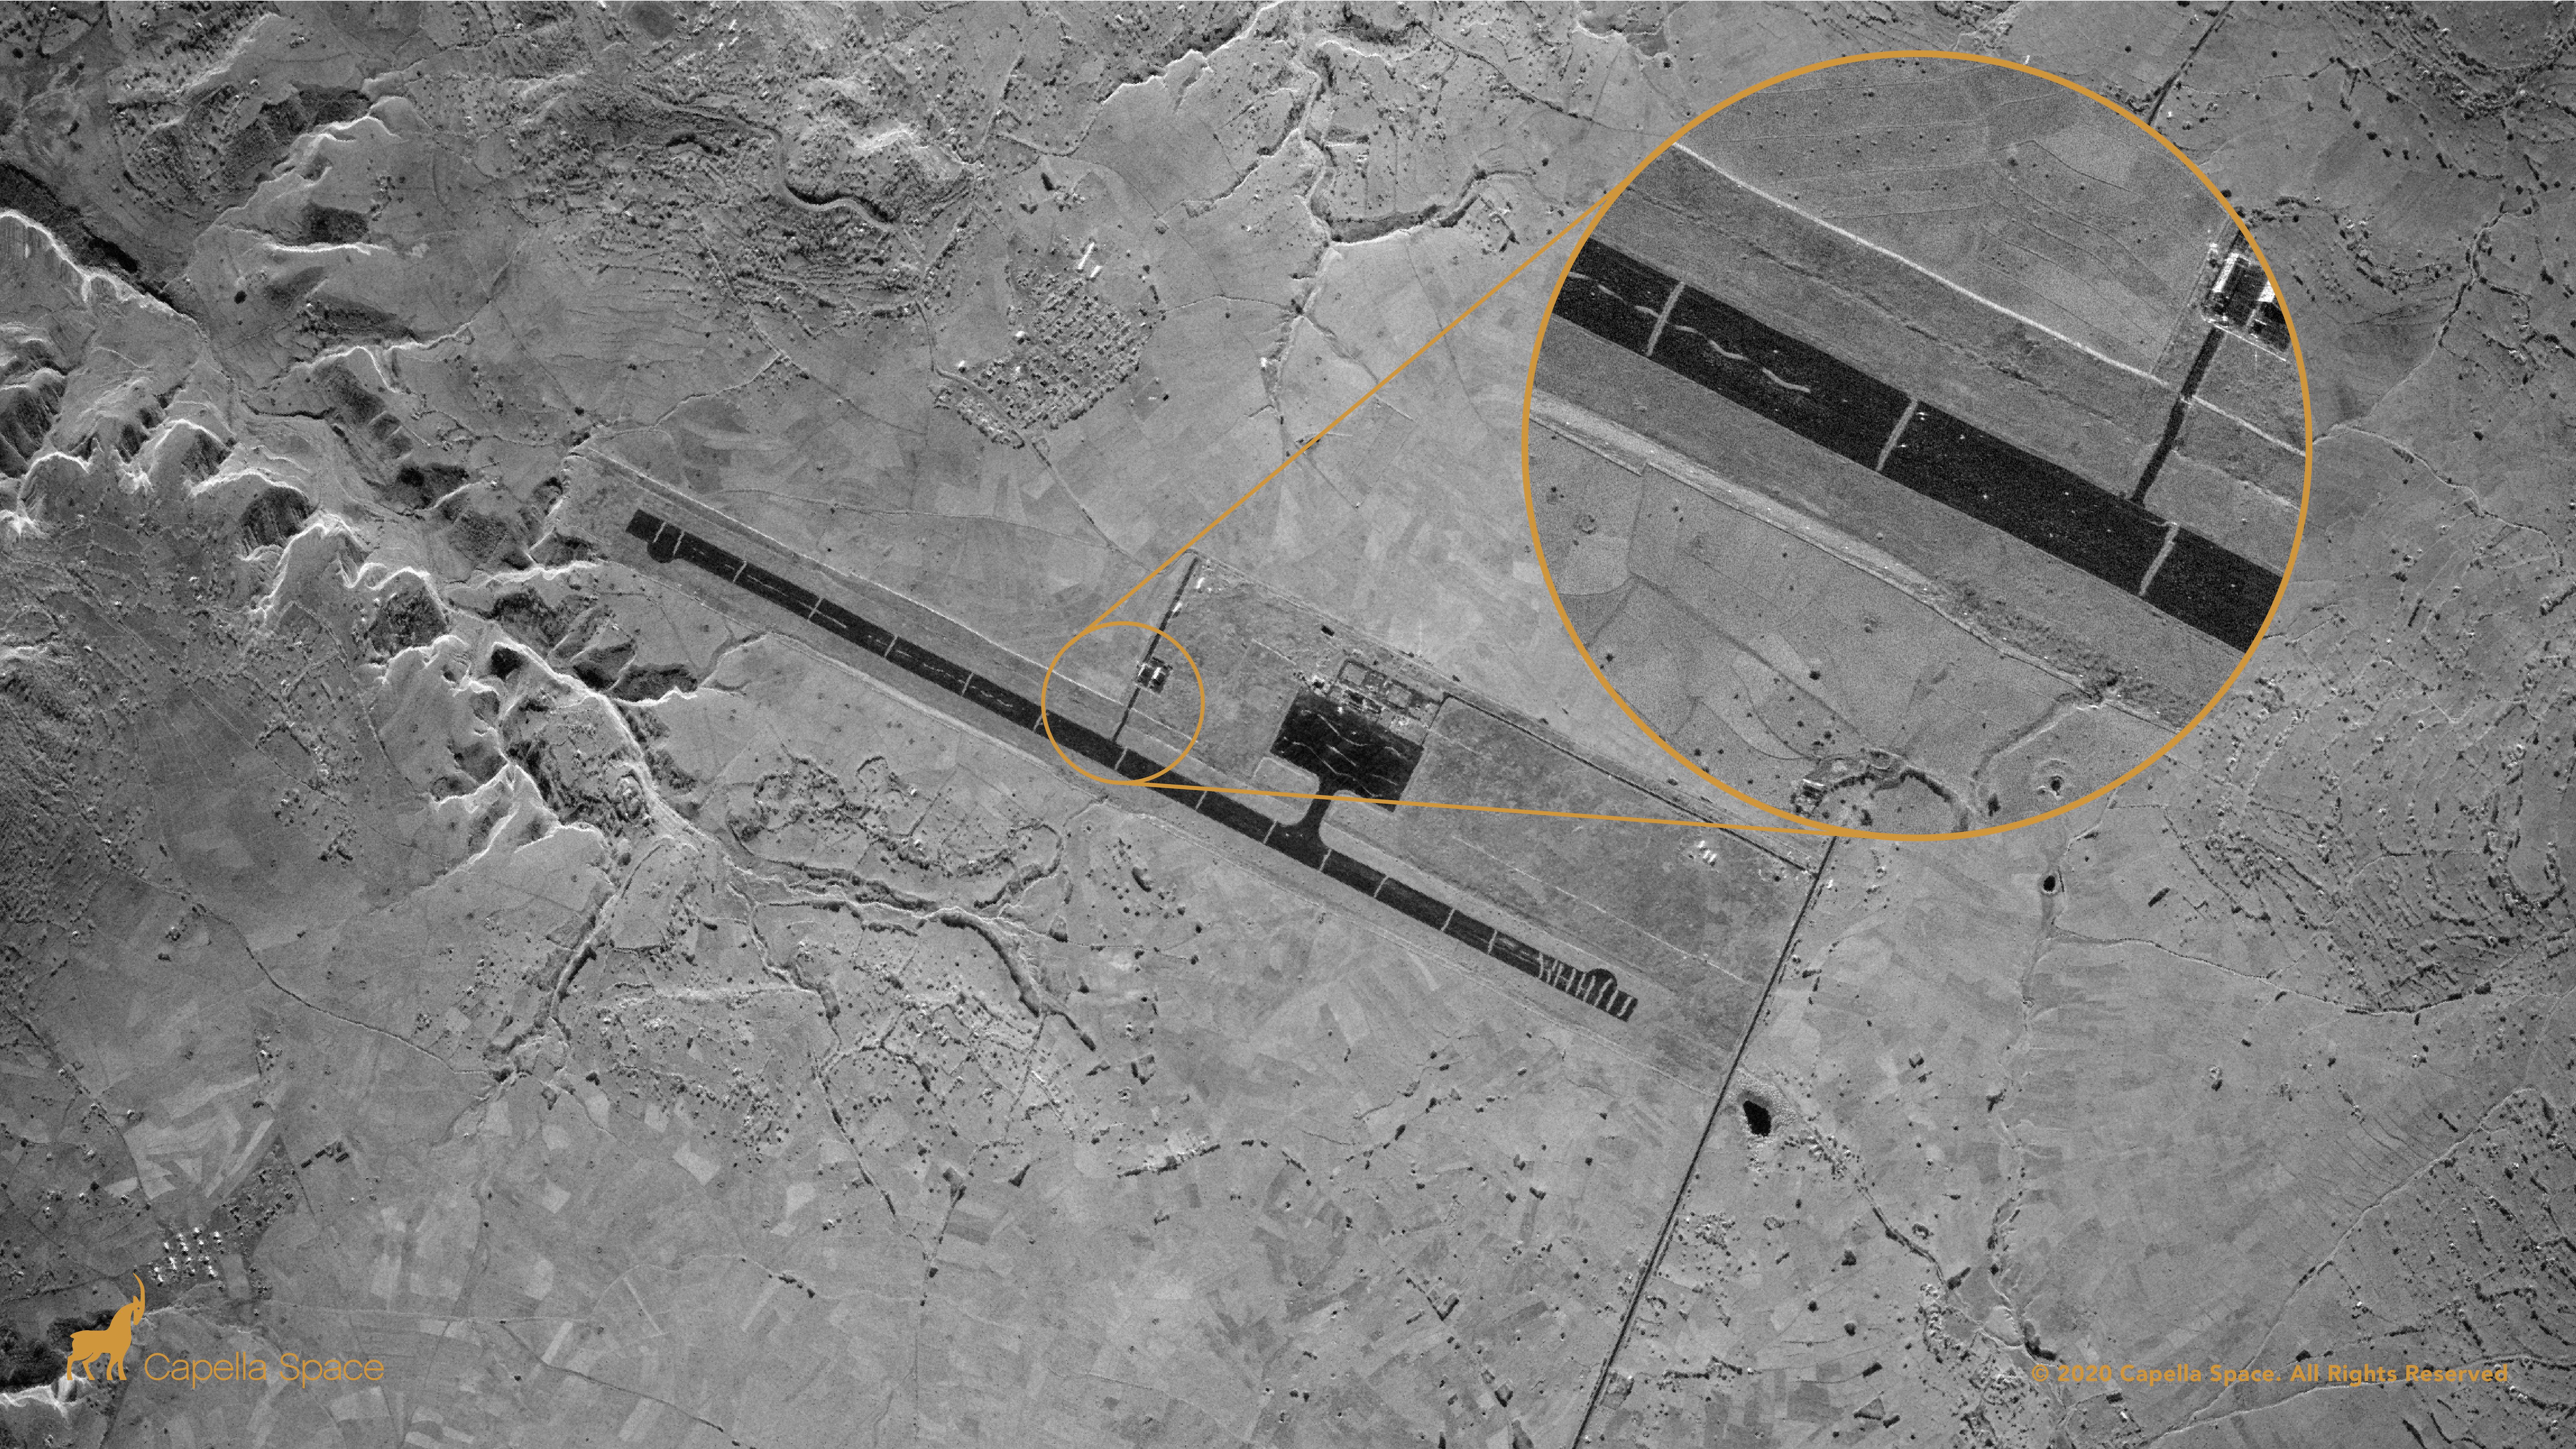 Cette image SAR de l'aéroport d'Axum montre 23 tranchées creusées perpendiculairement sur la piste pour empêcher son utilisation pendant le conflit éthiopien du Tigray.  Une vue agrandie affiche les tranchées individuelles en contraste avec le tarmac sombre ainsi que les débris encombrant la surface de la piste.  L'aéroport a été repris par les forces gouvernementales éthiopiennes du Front de libération du peuple de Tigray, qui ont été accusées d'avoir saboté l'aérodrome avant de perdre le contrôle des forces fédérales.